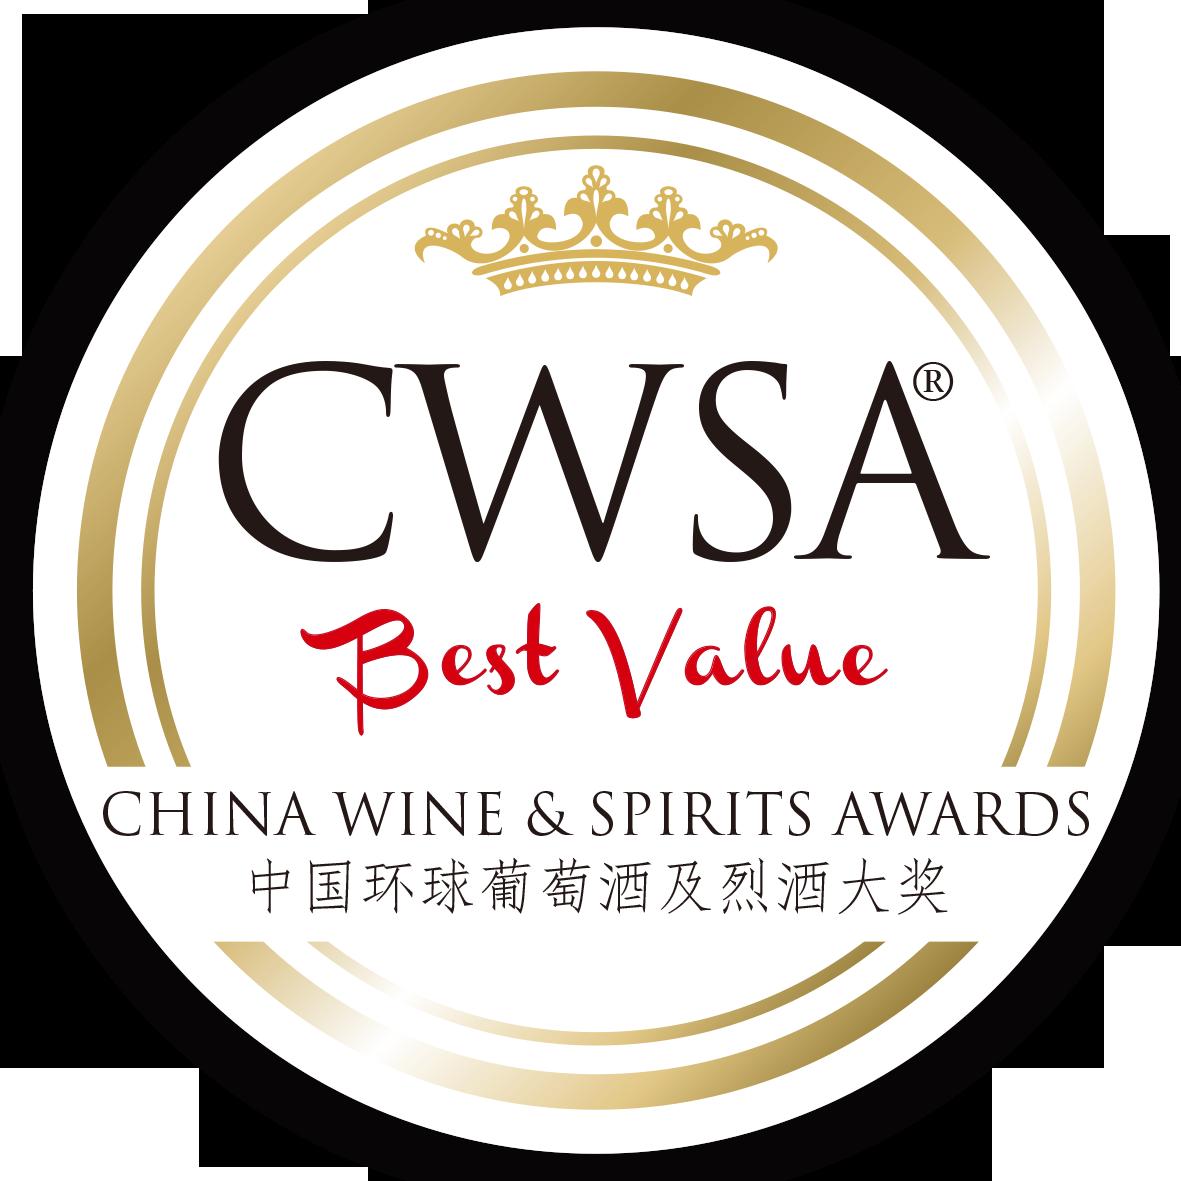 chinese-wine-and-spirit-awards-2018